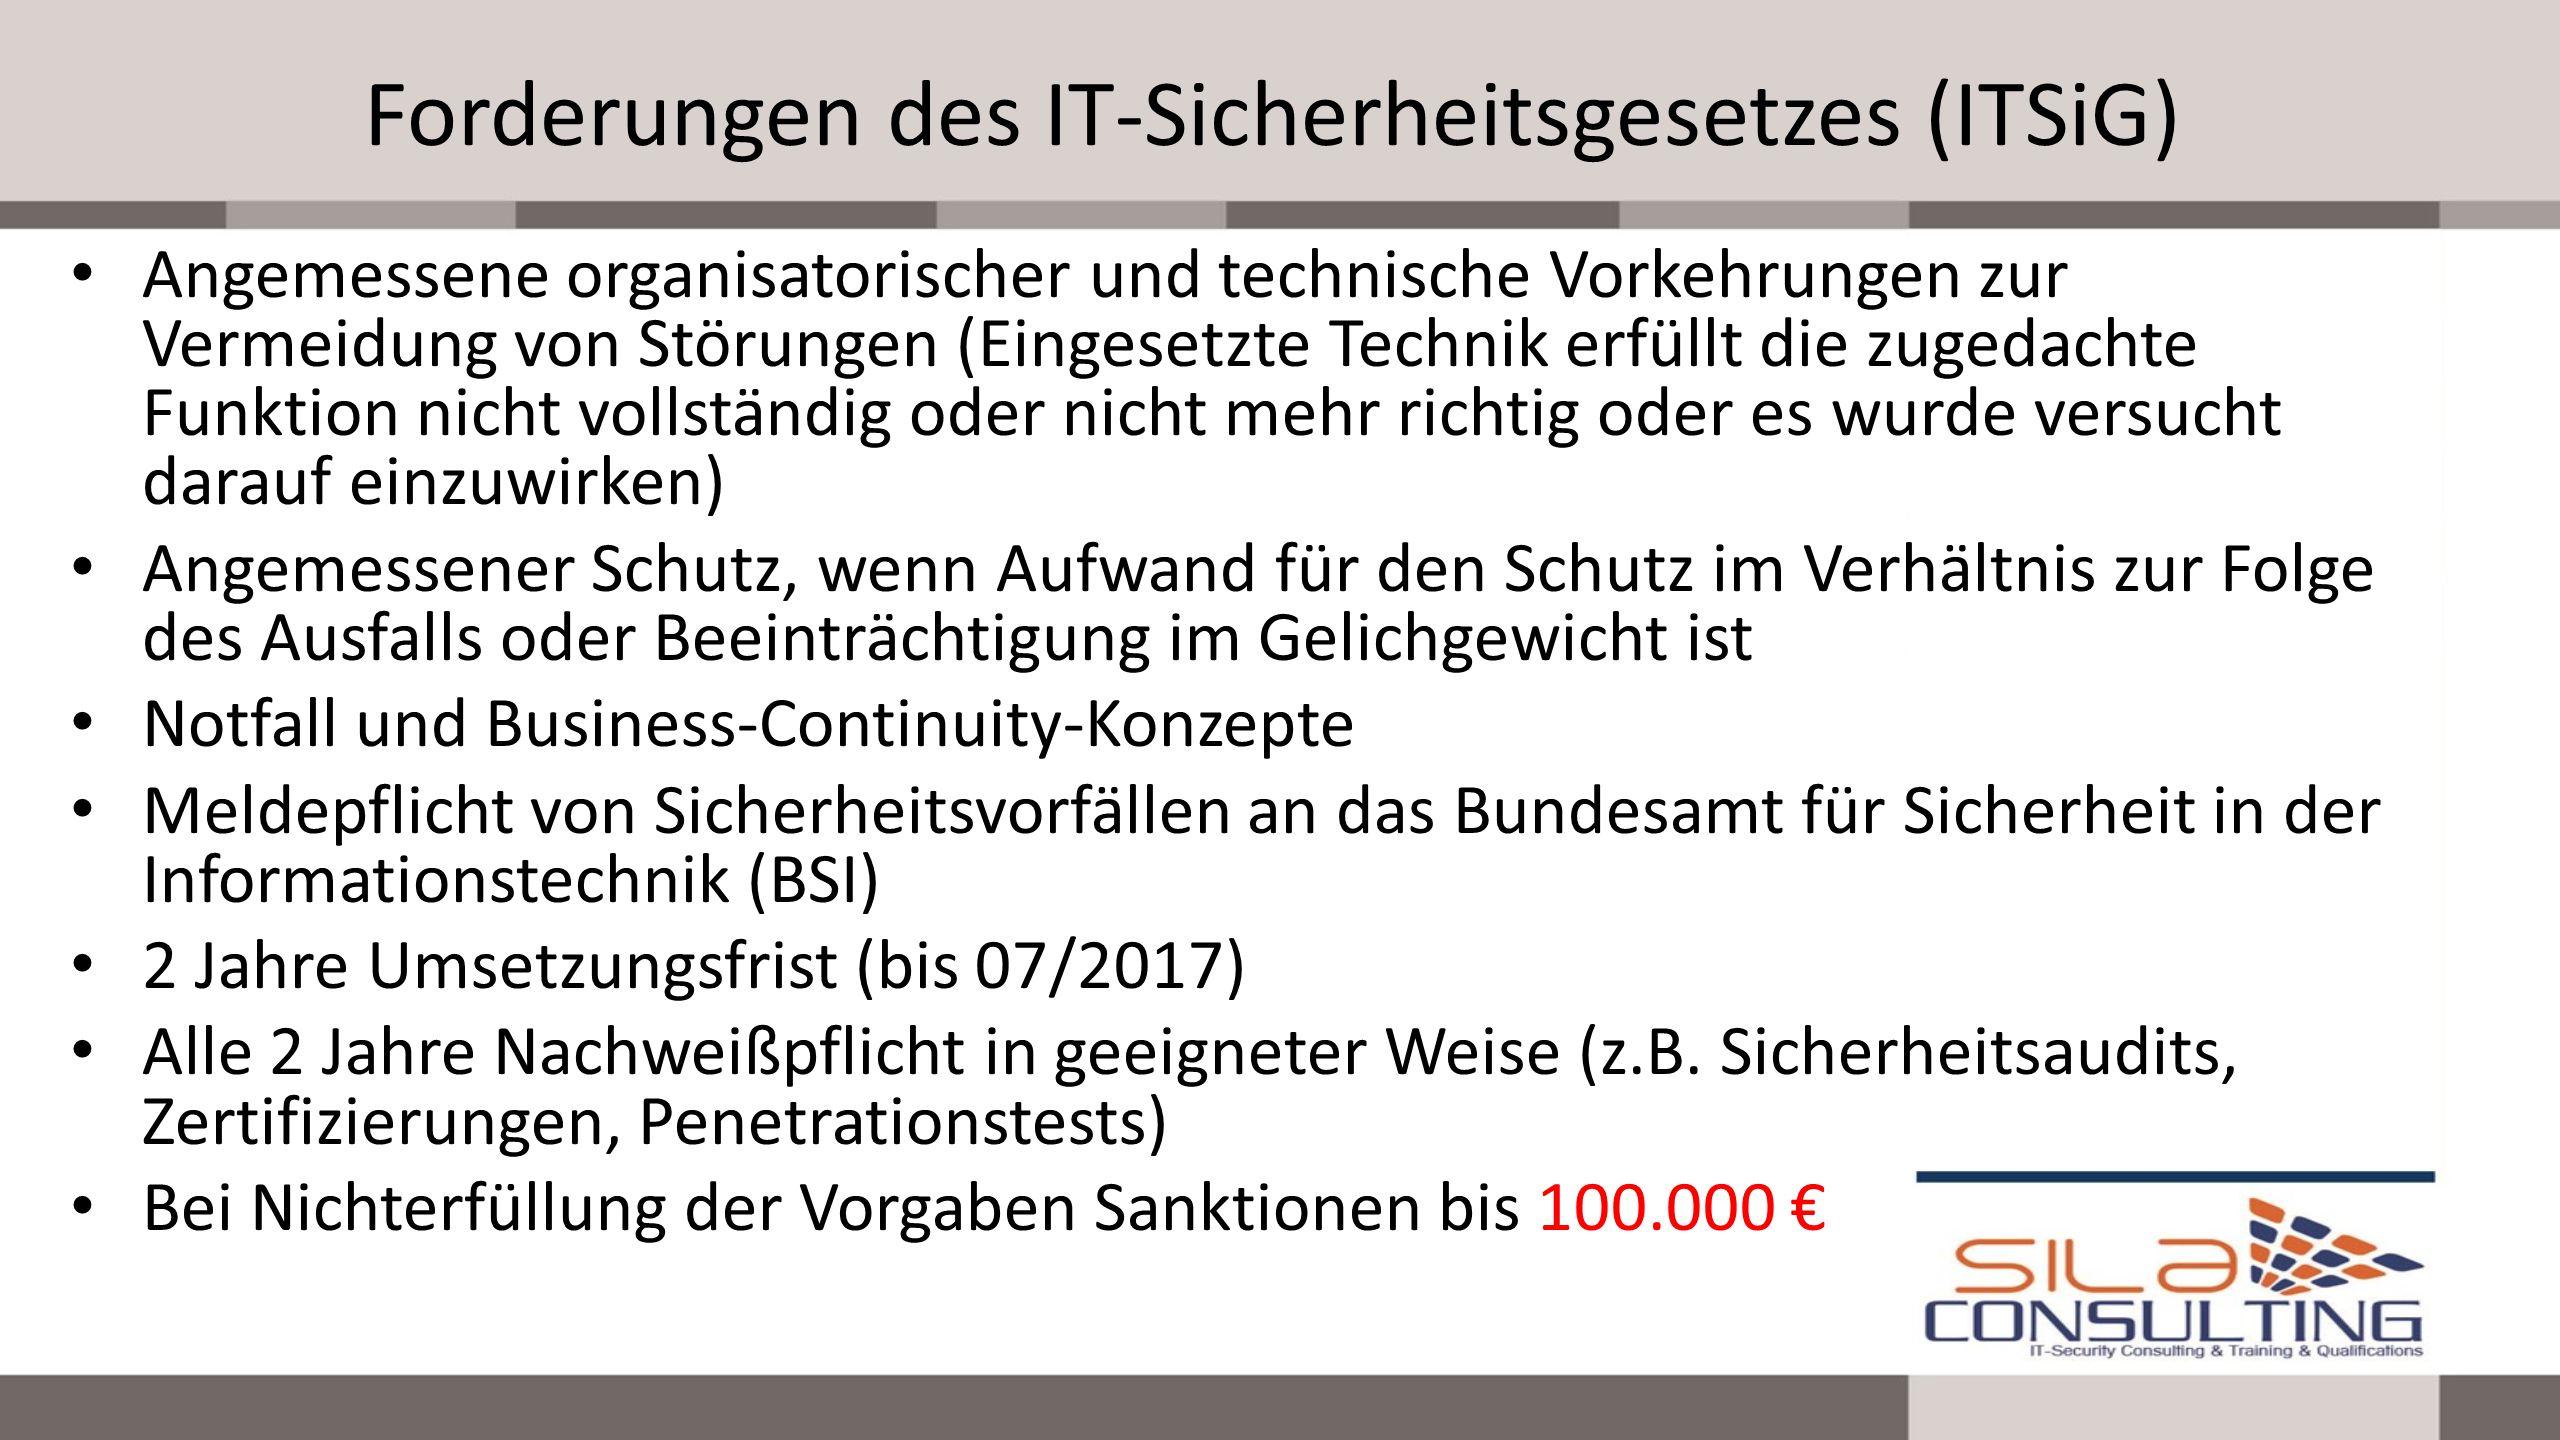 Forderungen des IT-Sicherheitsgesetzes (ITSiG)